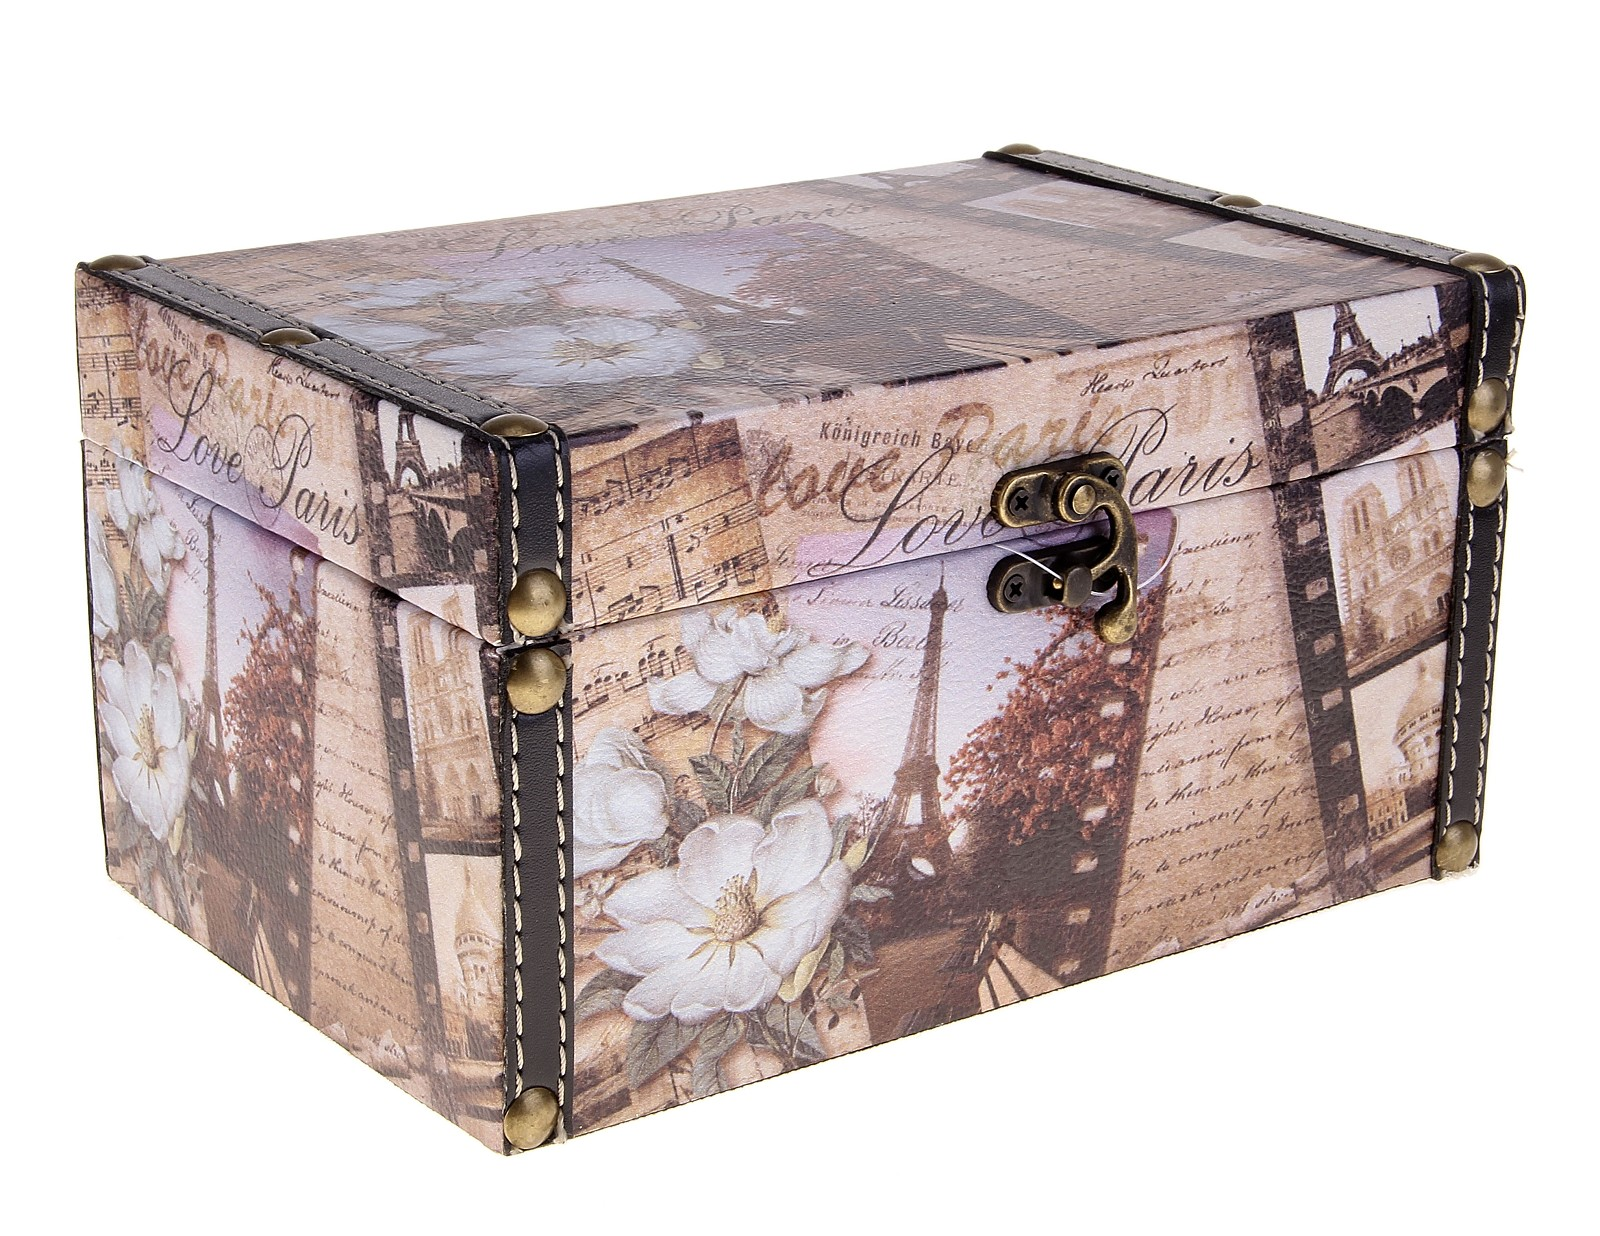 Шкатулка Роман о Париже, 22 см х 14 см х 11,5 см шкатулки magic home шкатулка дождь в париже